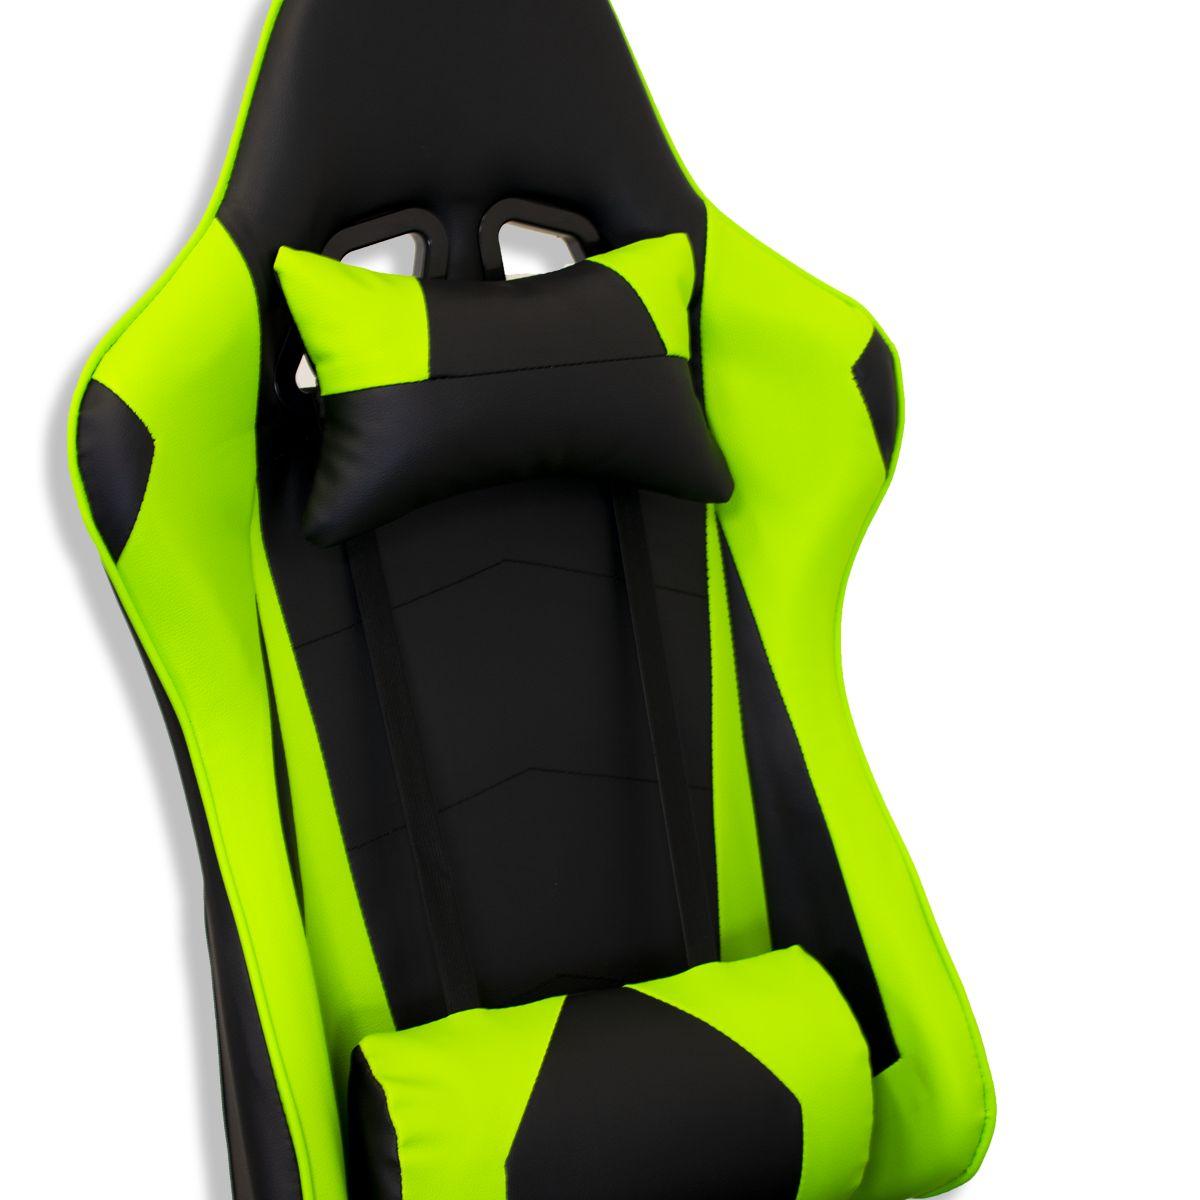 miniatura 53 - Sedia Poltrona da Gaming per Ufficio reclinabile Imbottita ergonomica GTX RTX